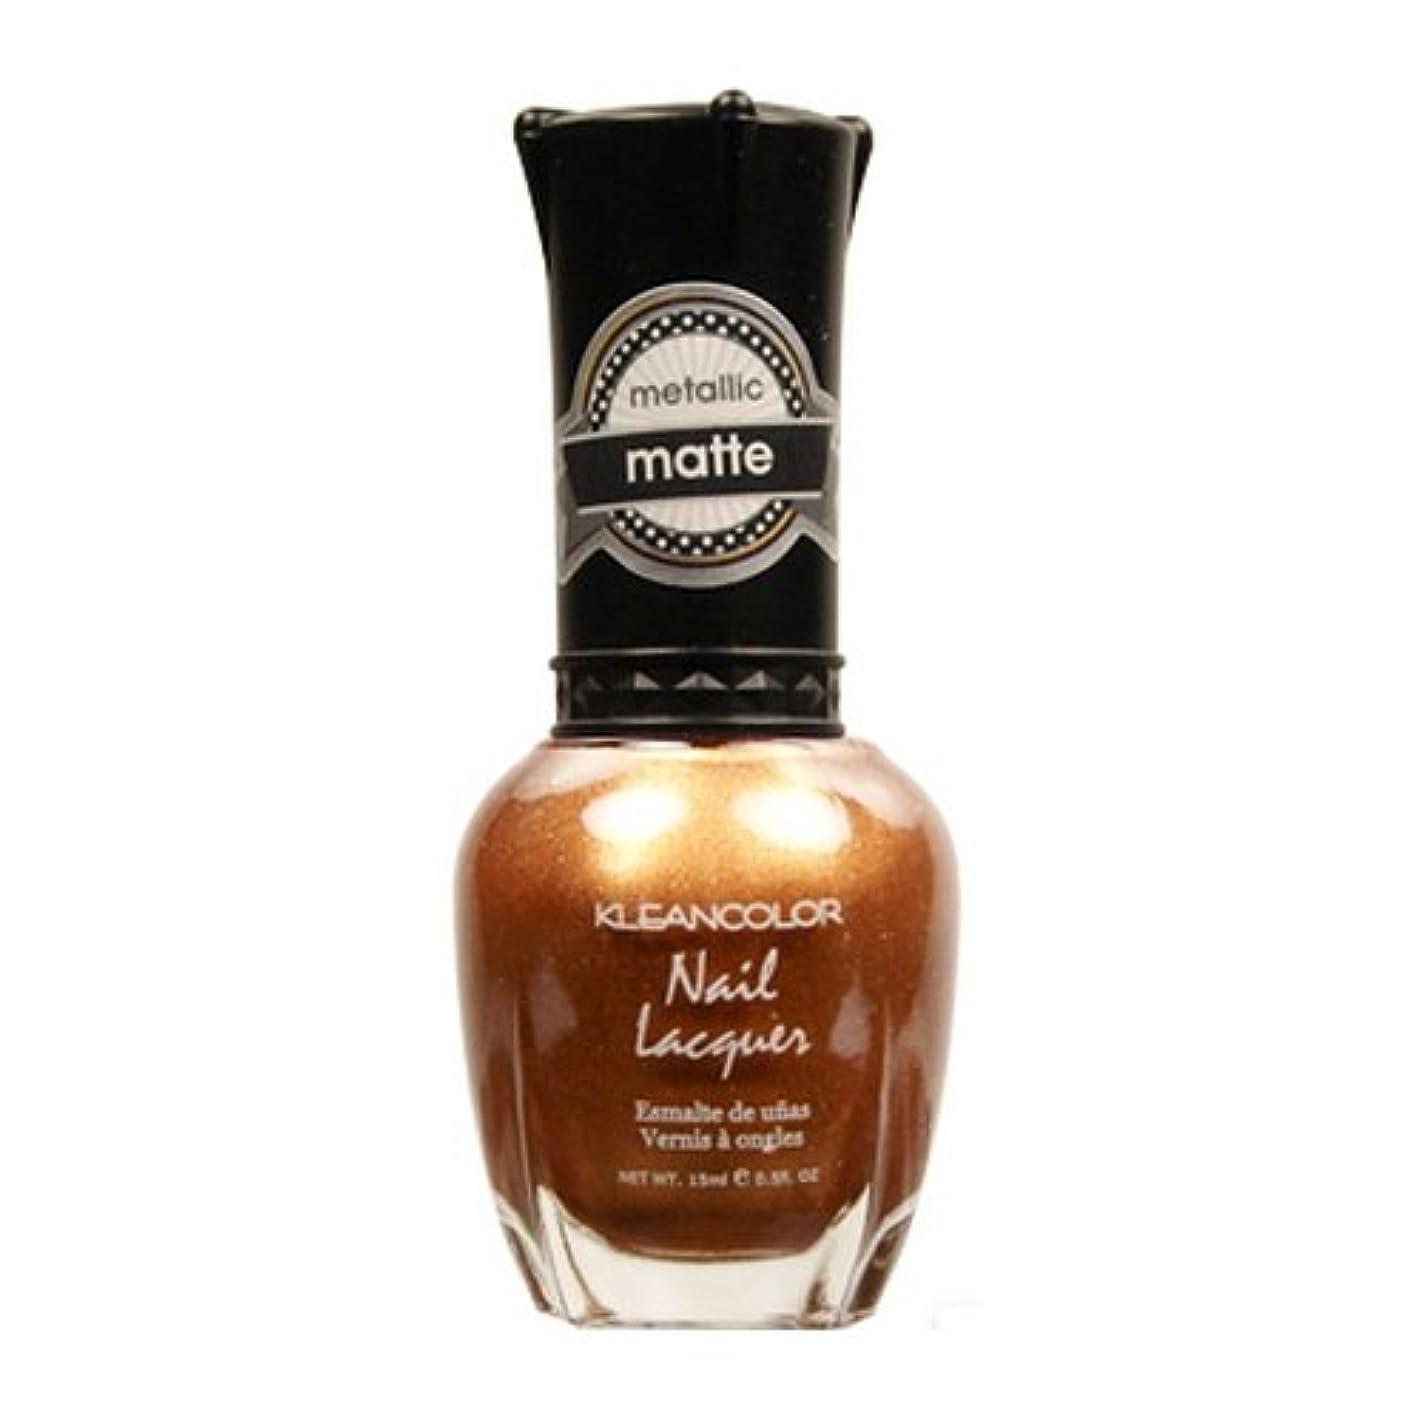 ラグ介入する疫病(6 Pack) KLEANCOLOR Matte Nail Lacquer - Life in Gold Castle (並行輸入品)